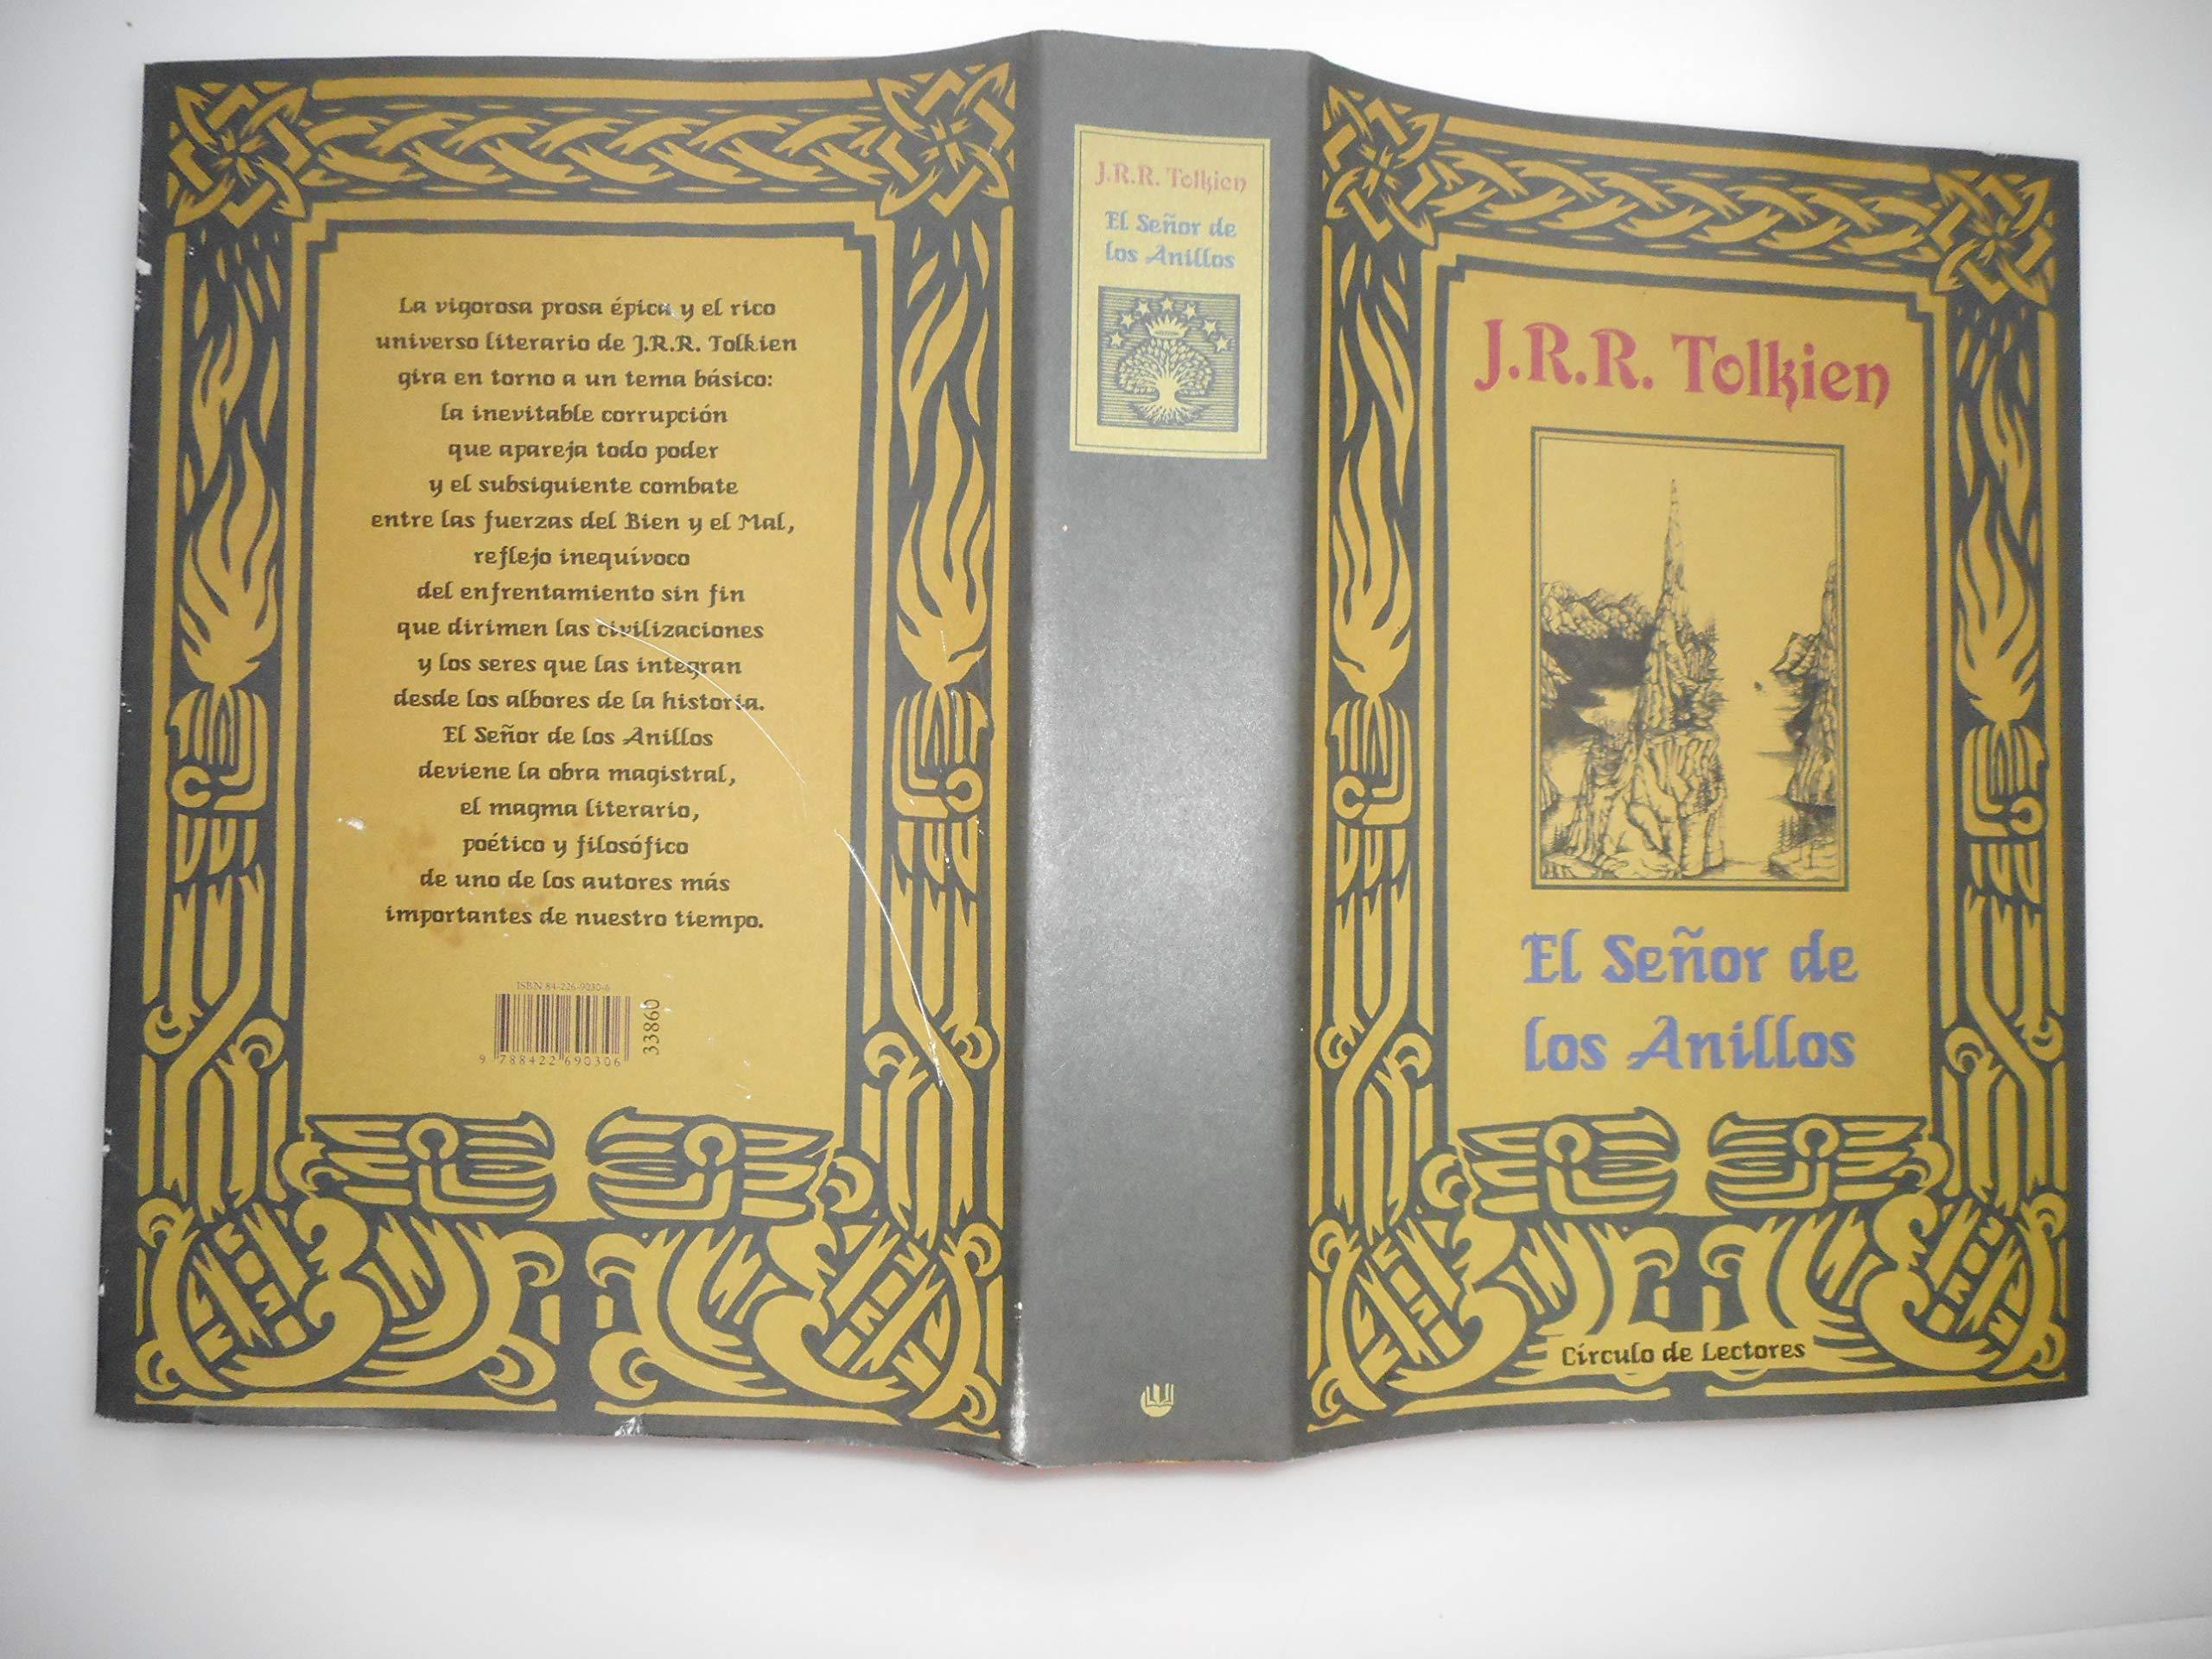 El Señor de los Anillos.: Amazon.es: J. R. R. Tolkien: Libros